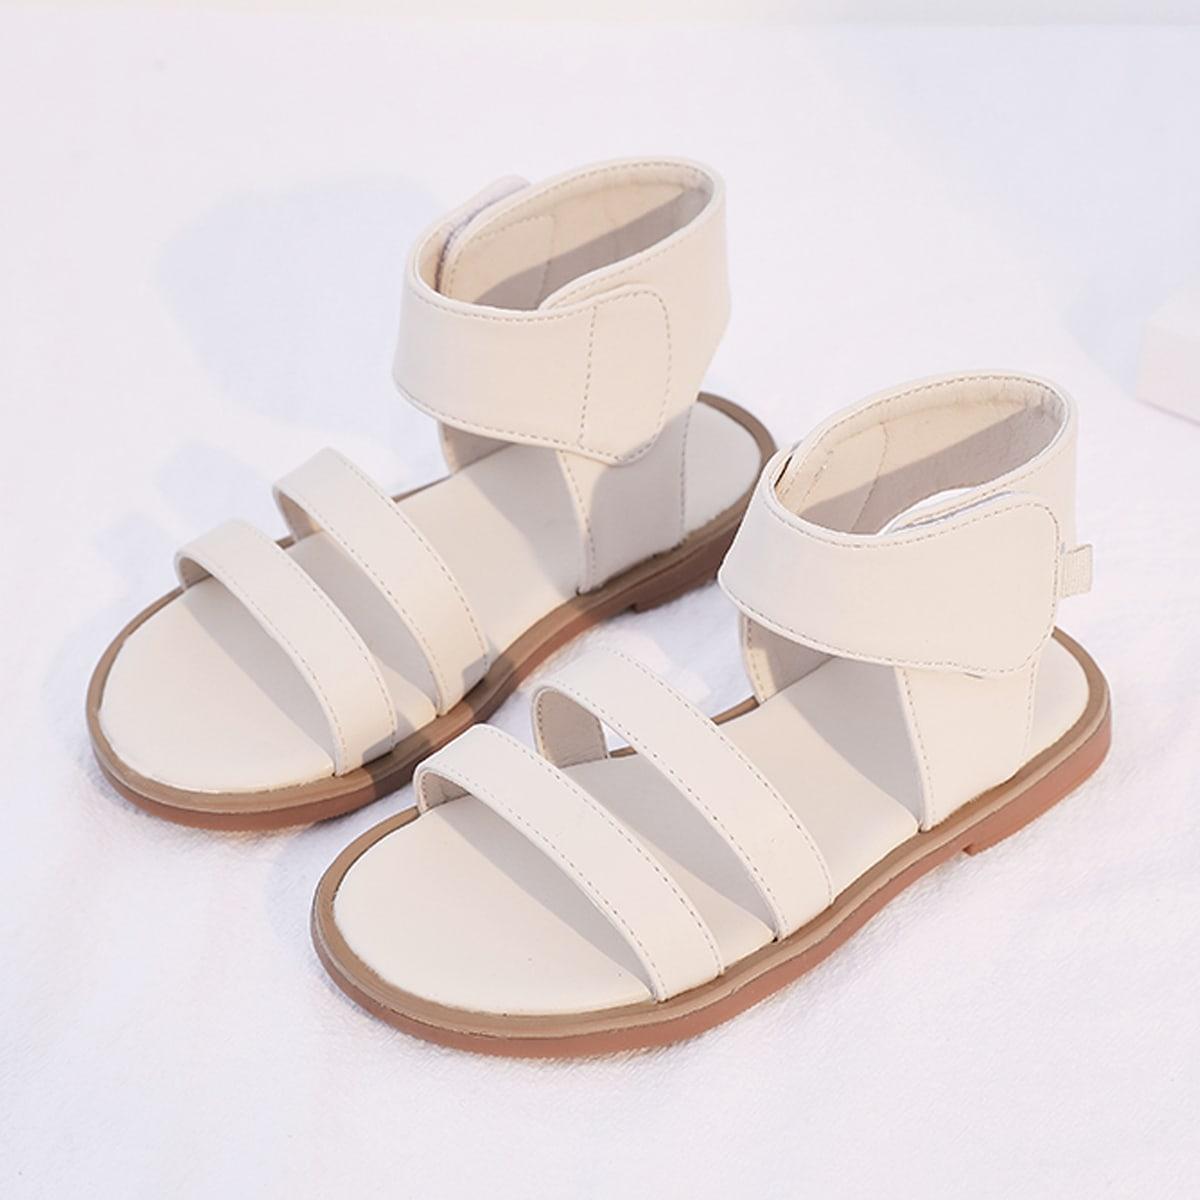 Минималистичные сандалии-шлепанцы для девочек от SHEIN